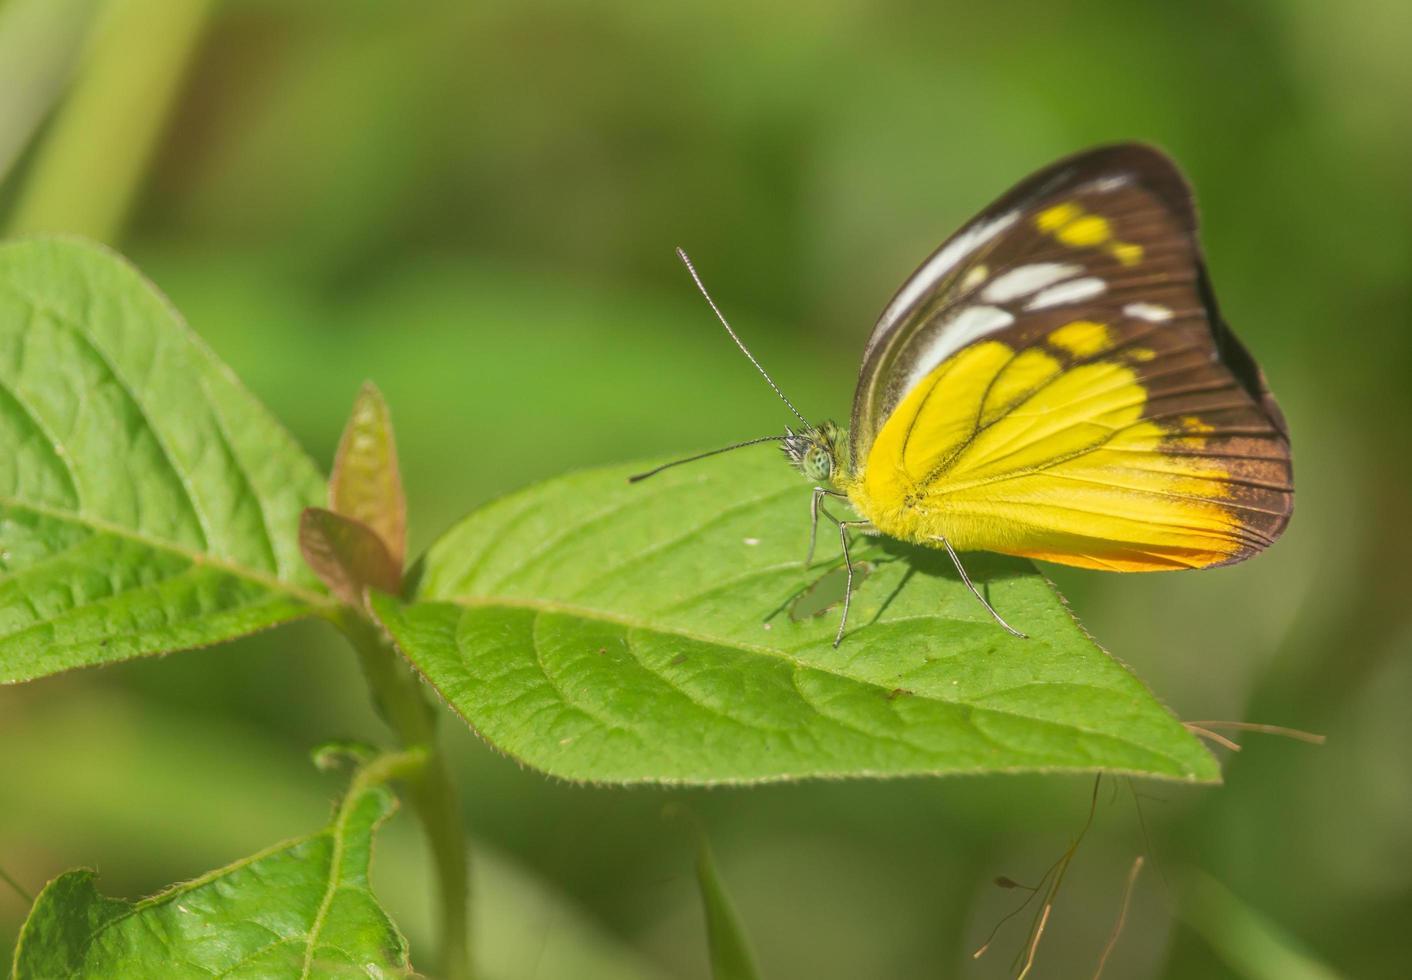 gelber Schmetterling auf grünen Blättern foto